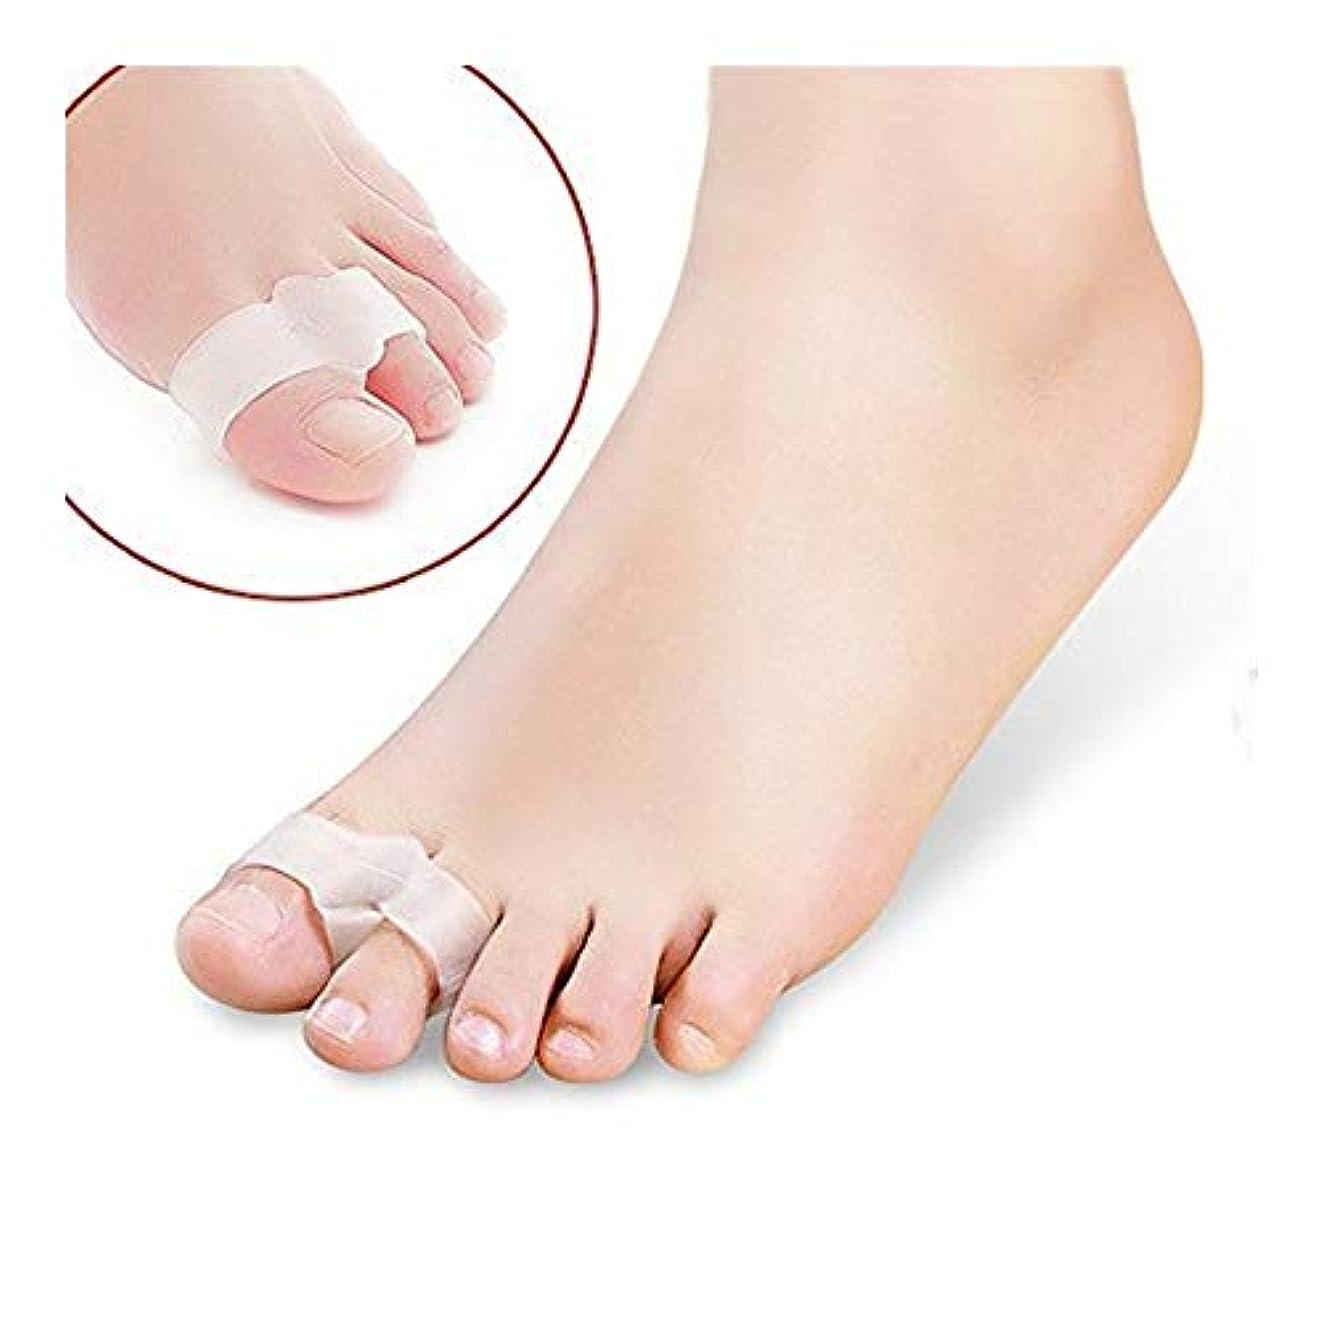 置き場便益不良外反母趾サポーター 親指矯正グッズ 厚型ジェルパッド 足指を広げる 痛み改善 快適歩行 靴下履ける 高品質シリコン制 伸縮性 通気性 男女兼用 [1組] おしゃれ 人気